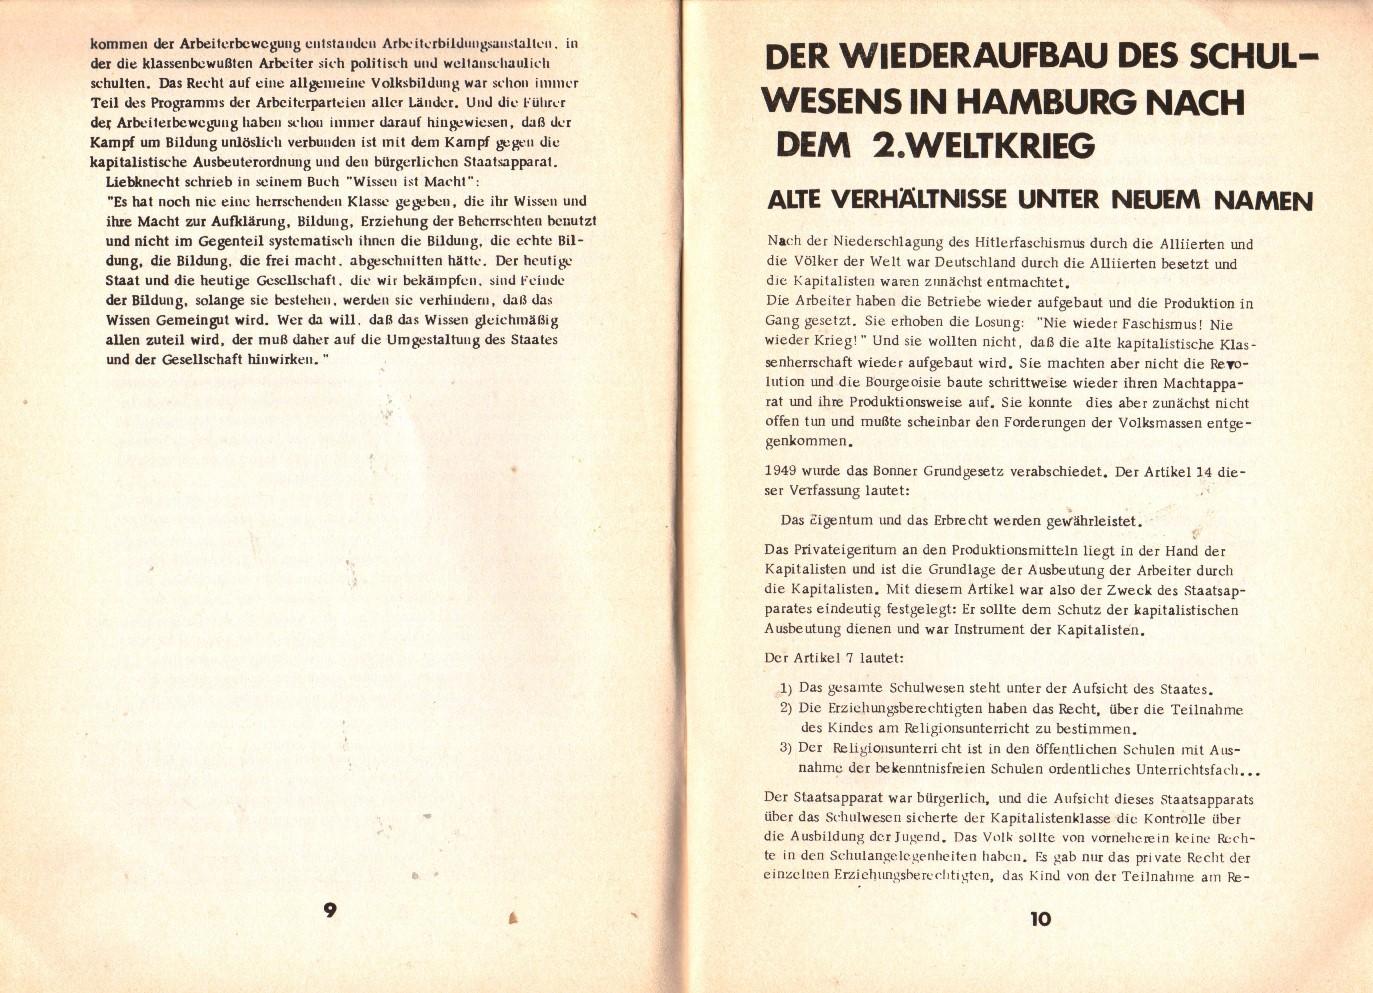 Hamburg_KBW_1976_Das_Schulwesen_seit_1945_07